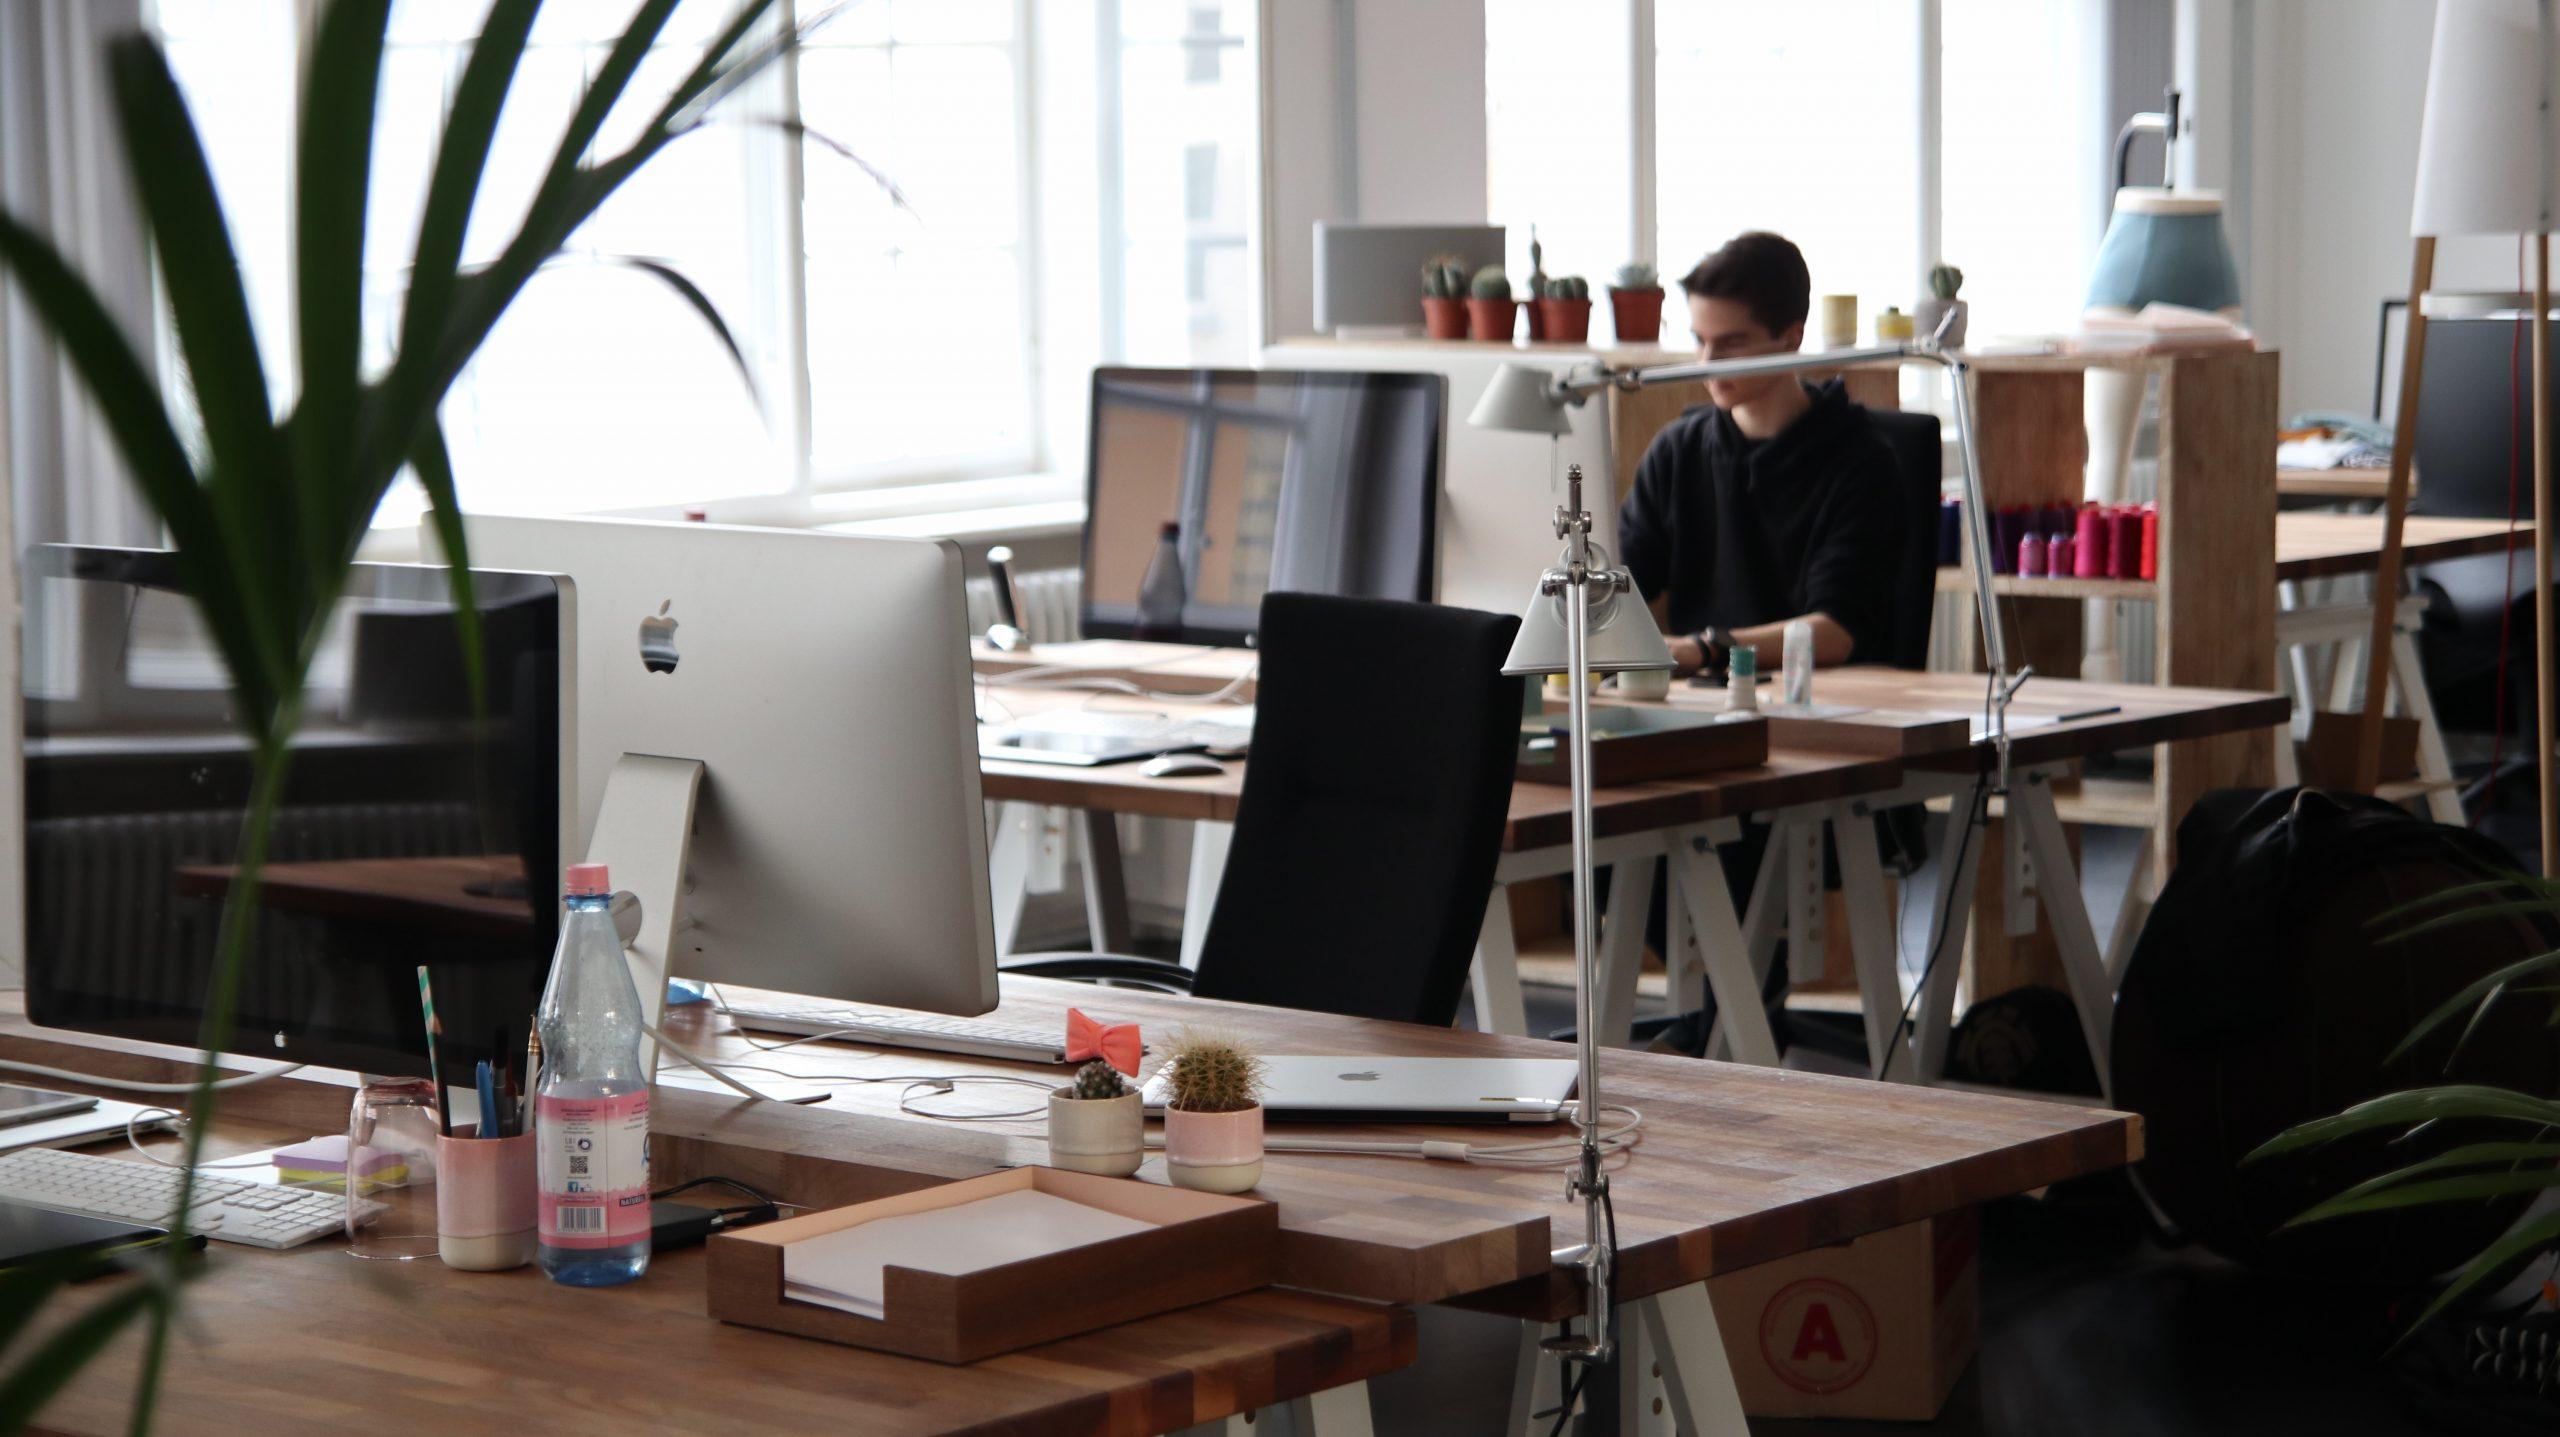 Hoe houd je op het werk je afstand?